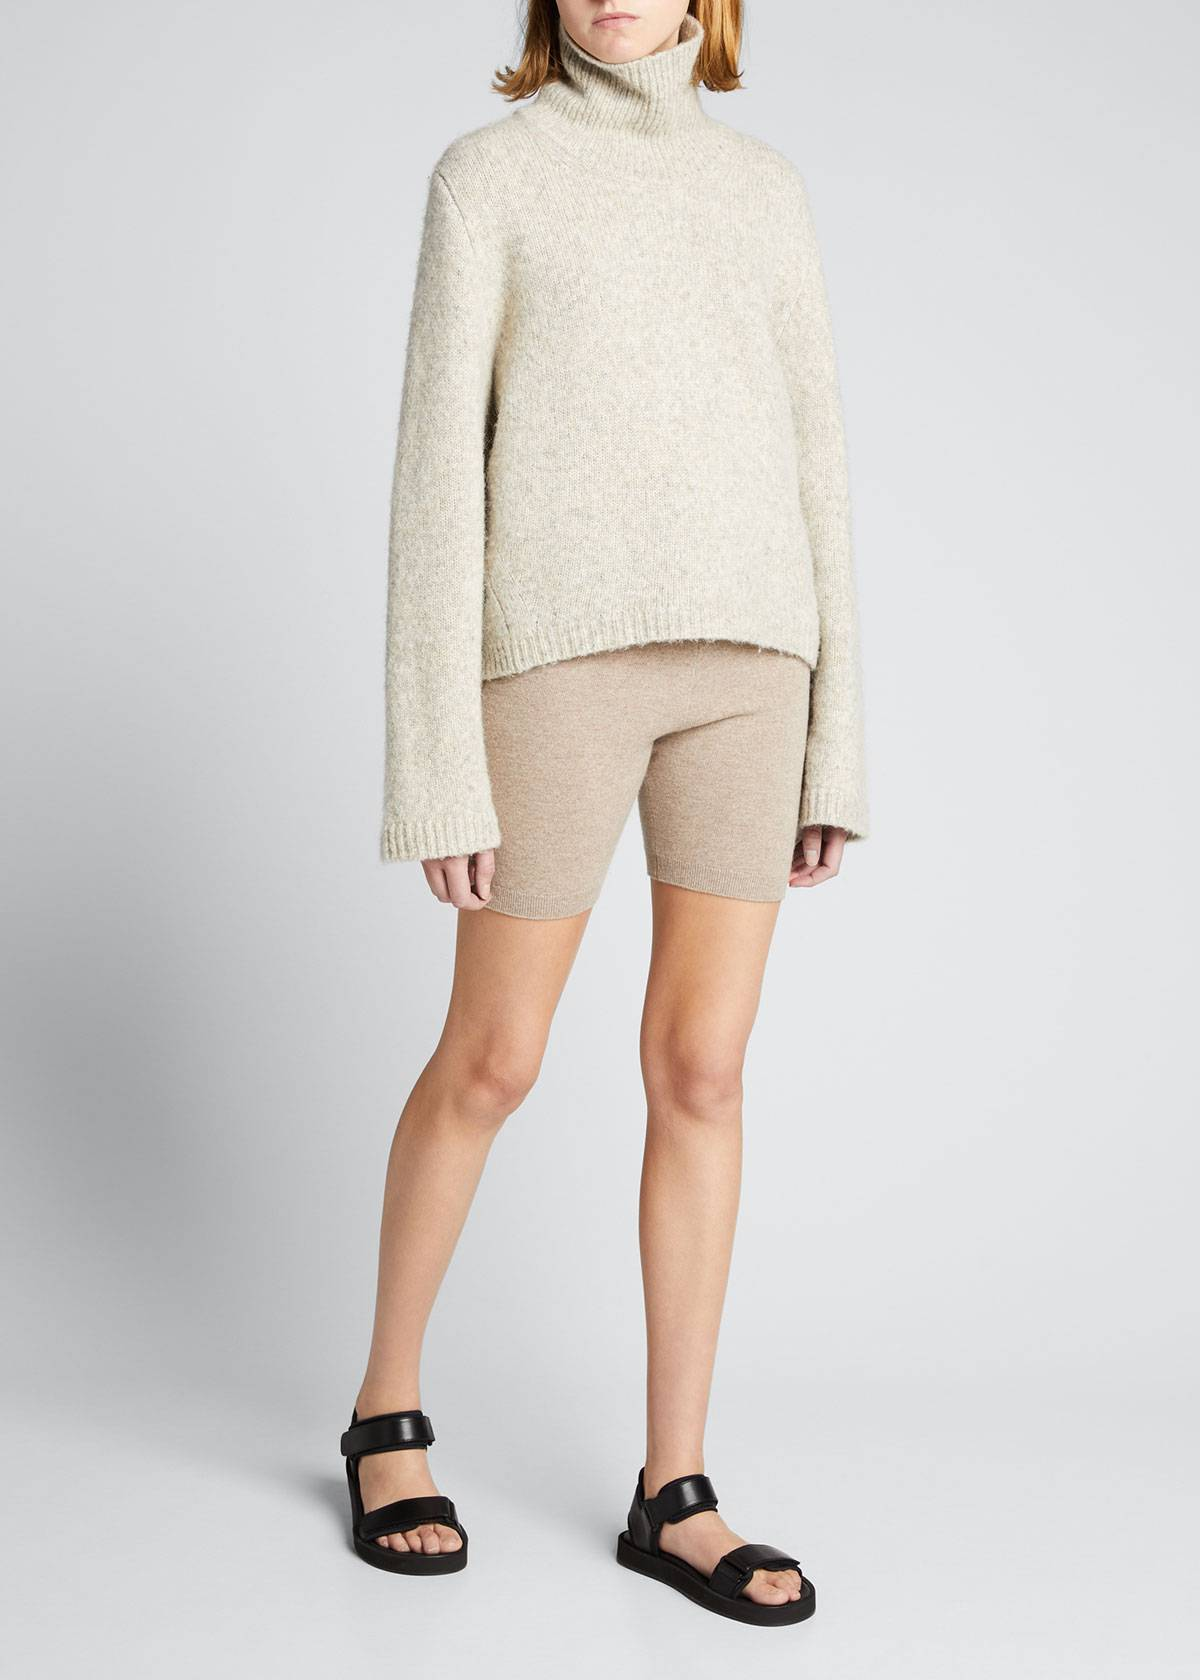 FRAME Cashmere Bike Shorts  - female - MUSHROOM HEATHER - Size: Medium